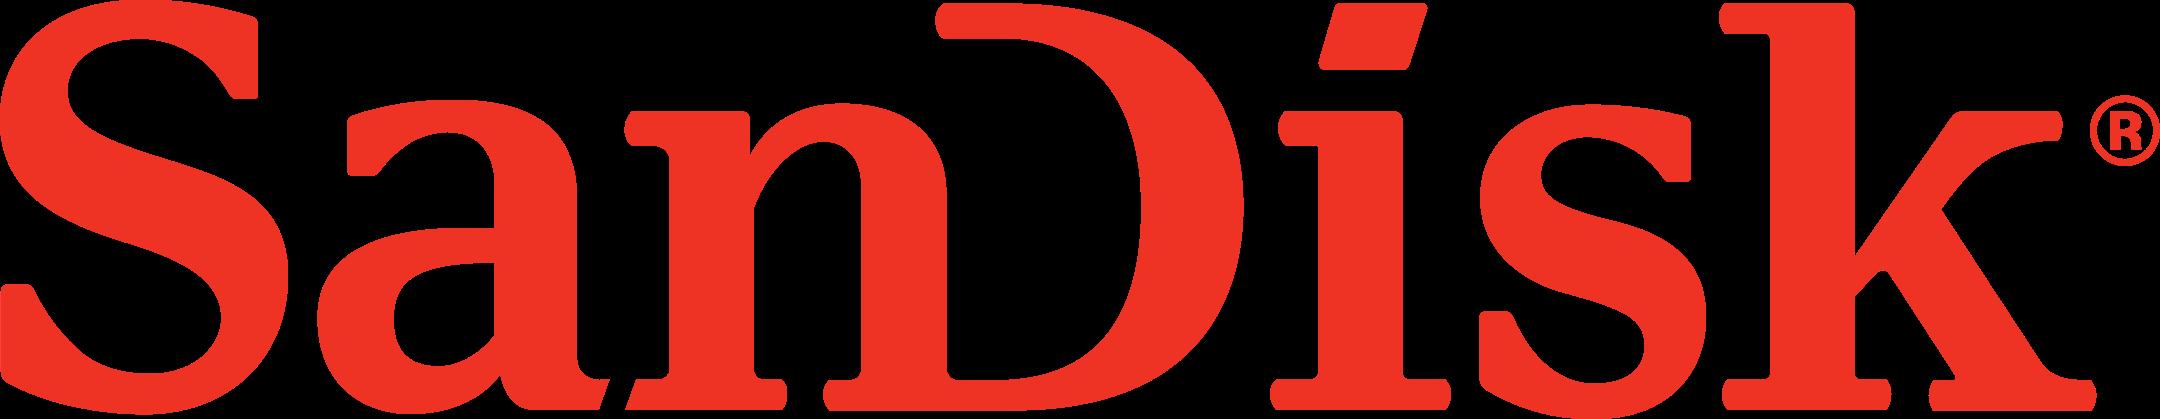 sandisk logo 1 - SanDisk Logo